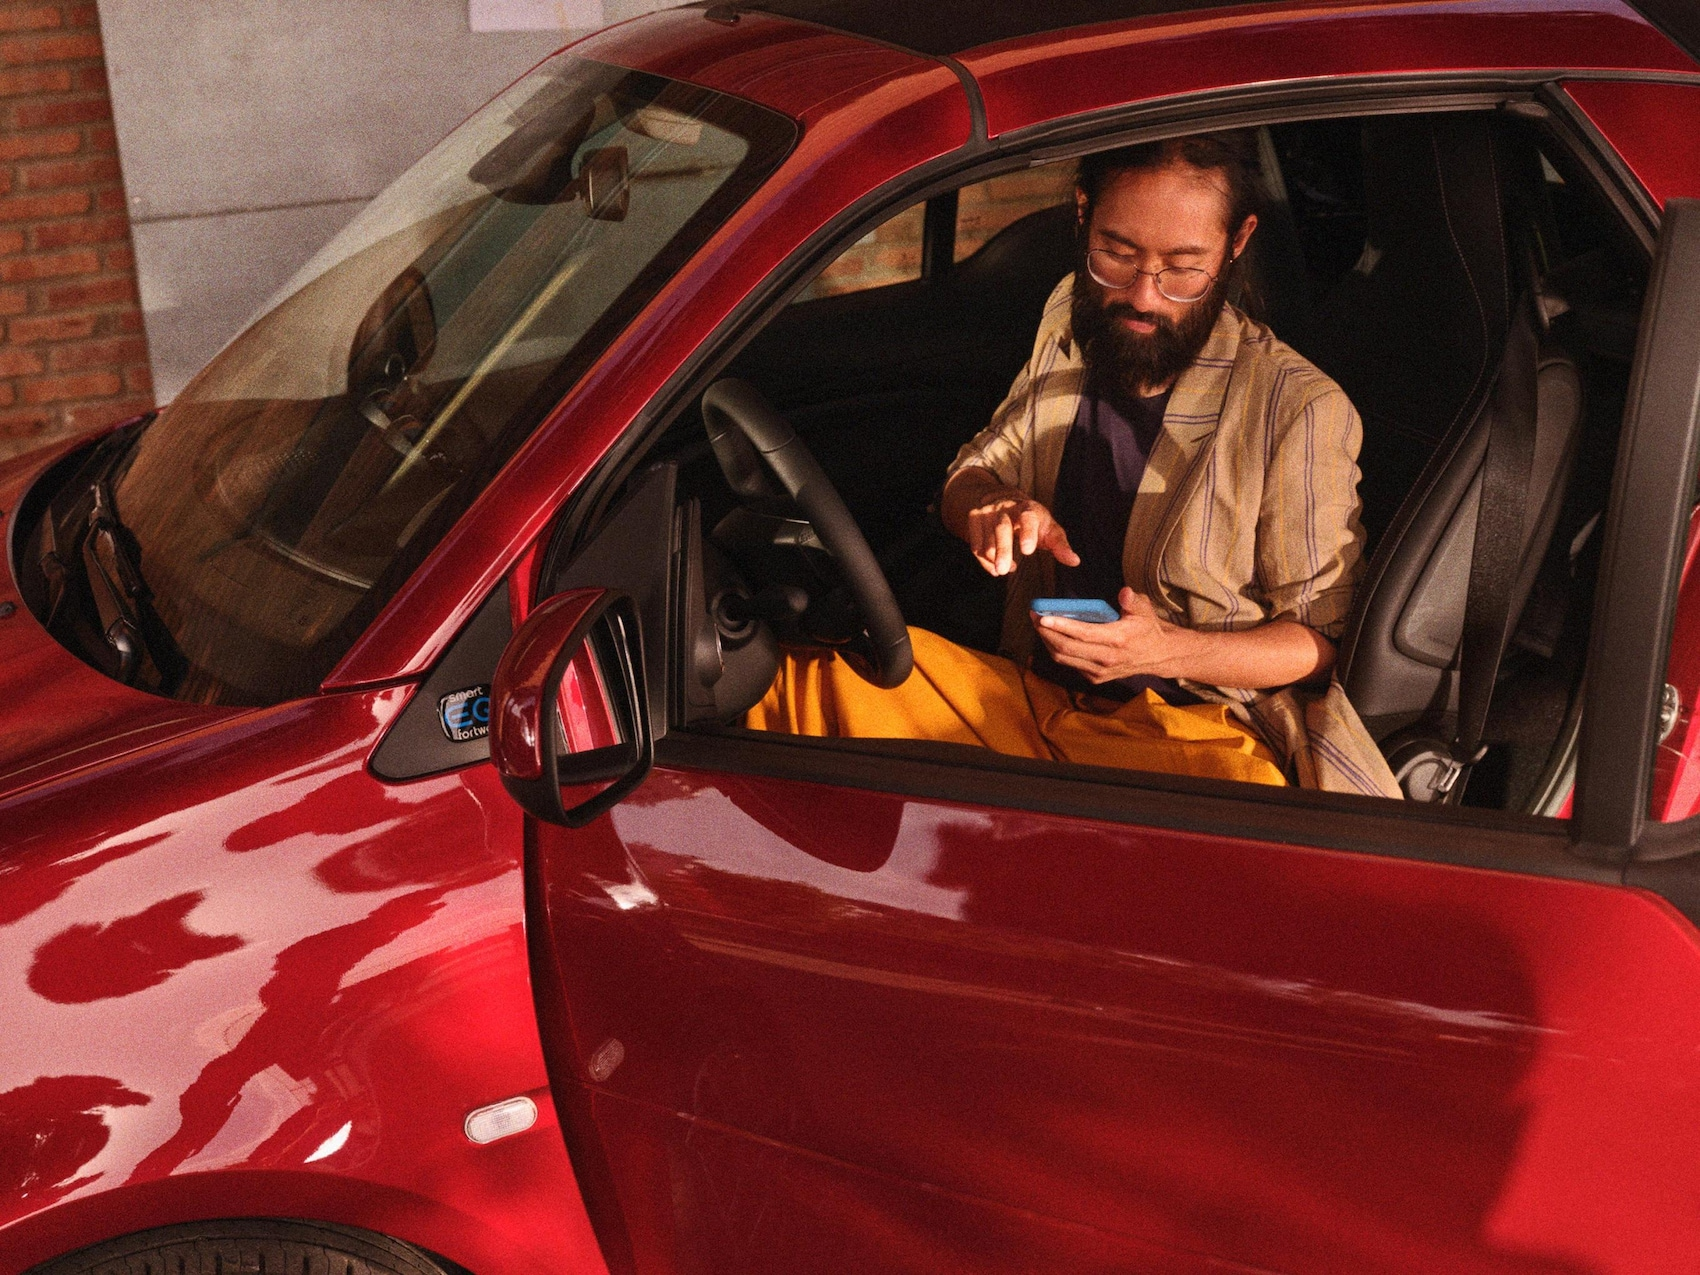 Een man zit in de smart EQ fortwo en kijkt op zijn mobiele telefoon.